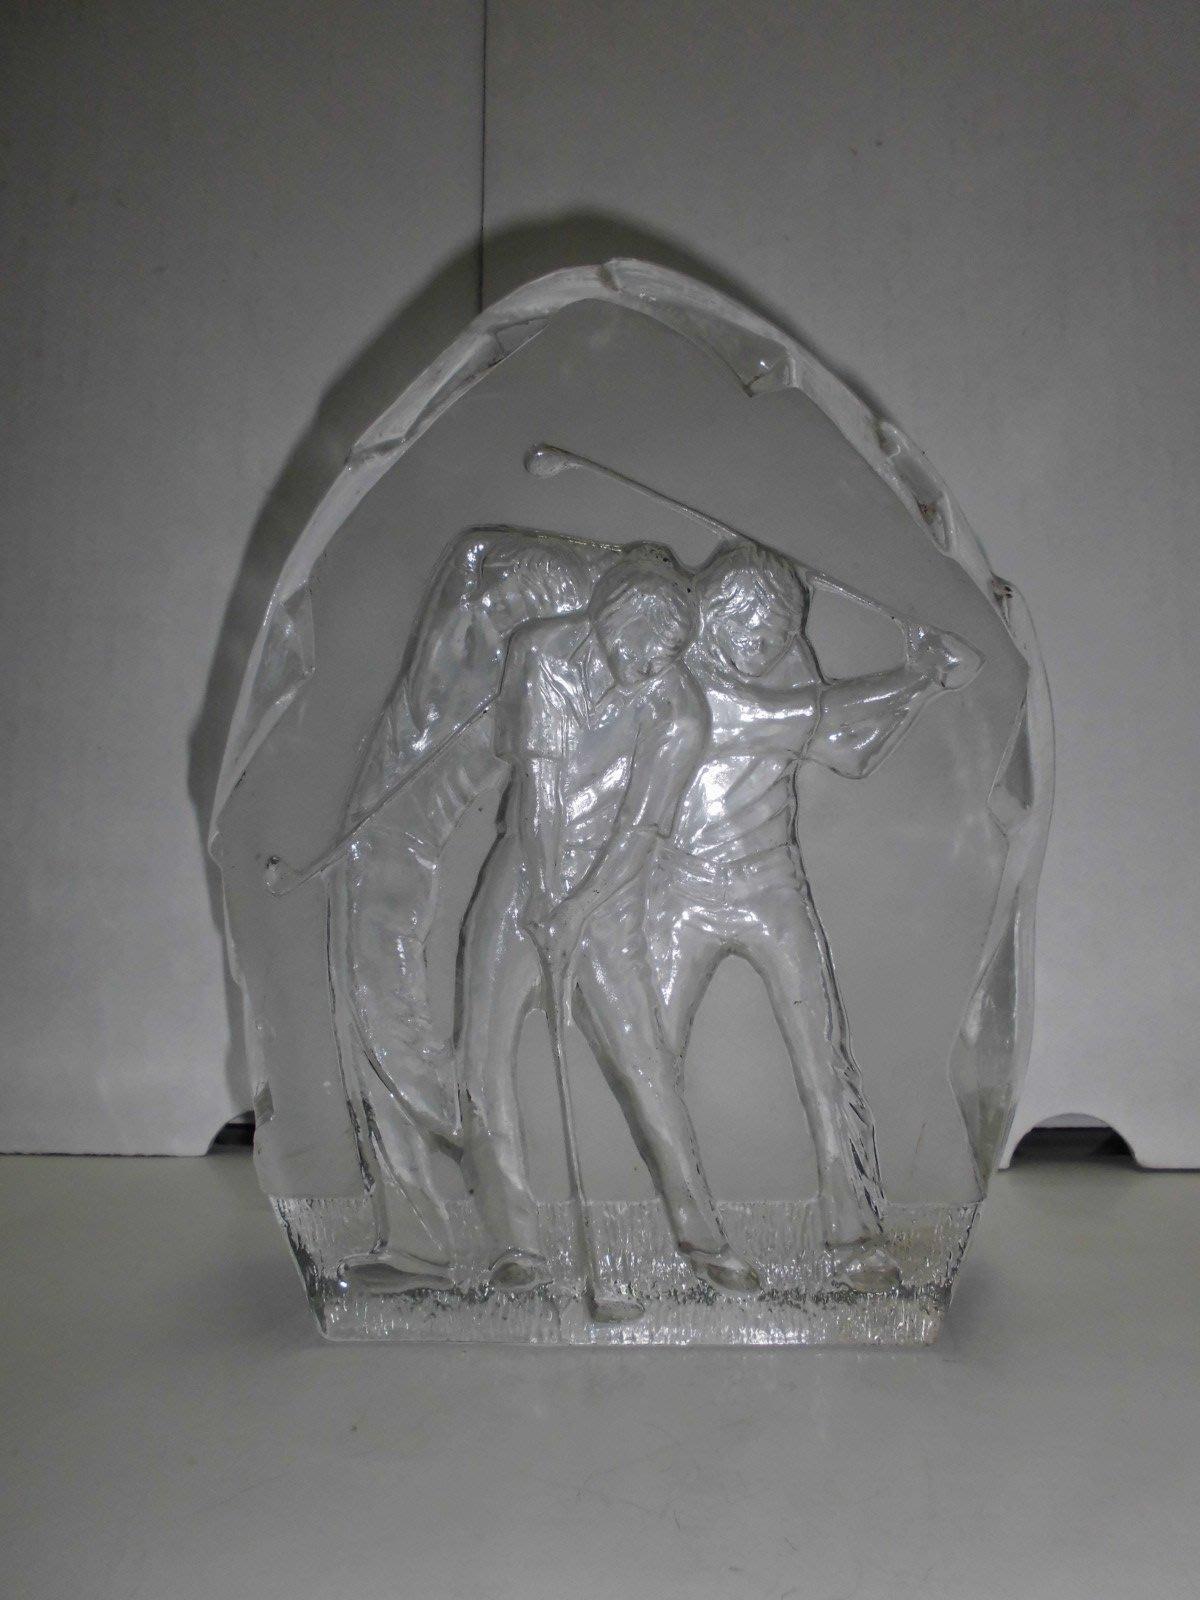 瑞士手工琉璃雕打高爾夫球[全面降價、拼經濟、歡迎議價]